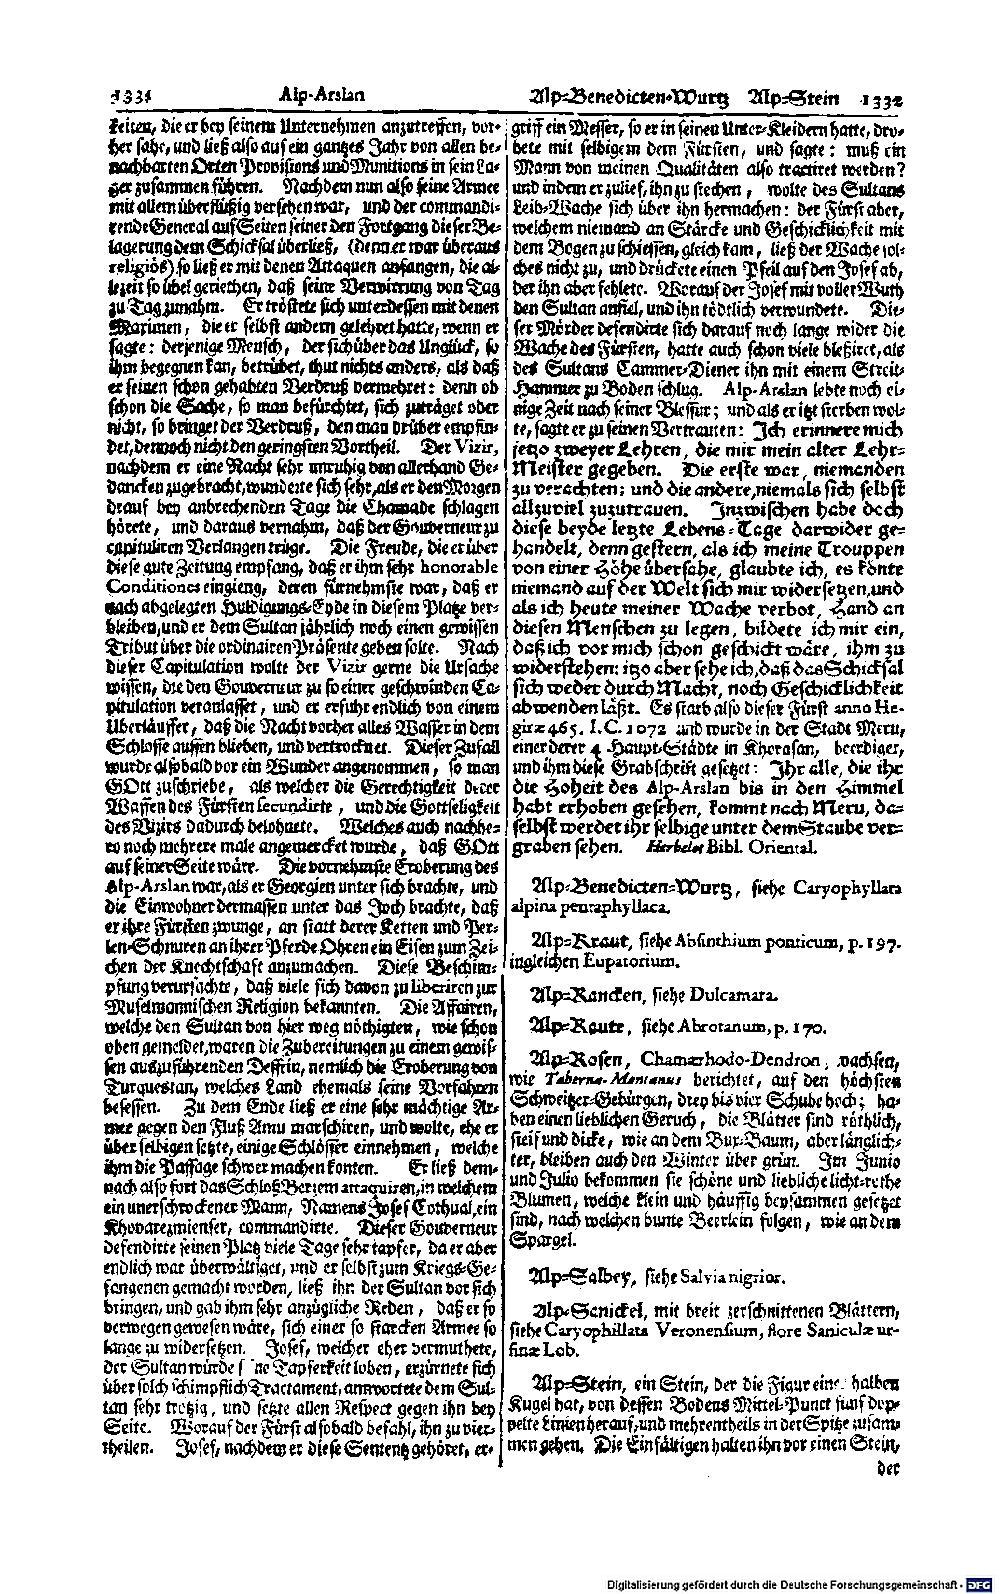 Bd. 01, Seite 0705.